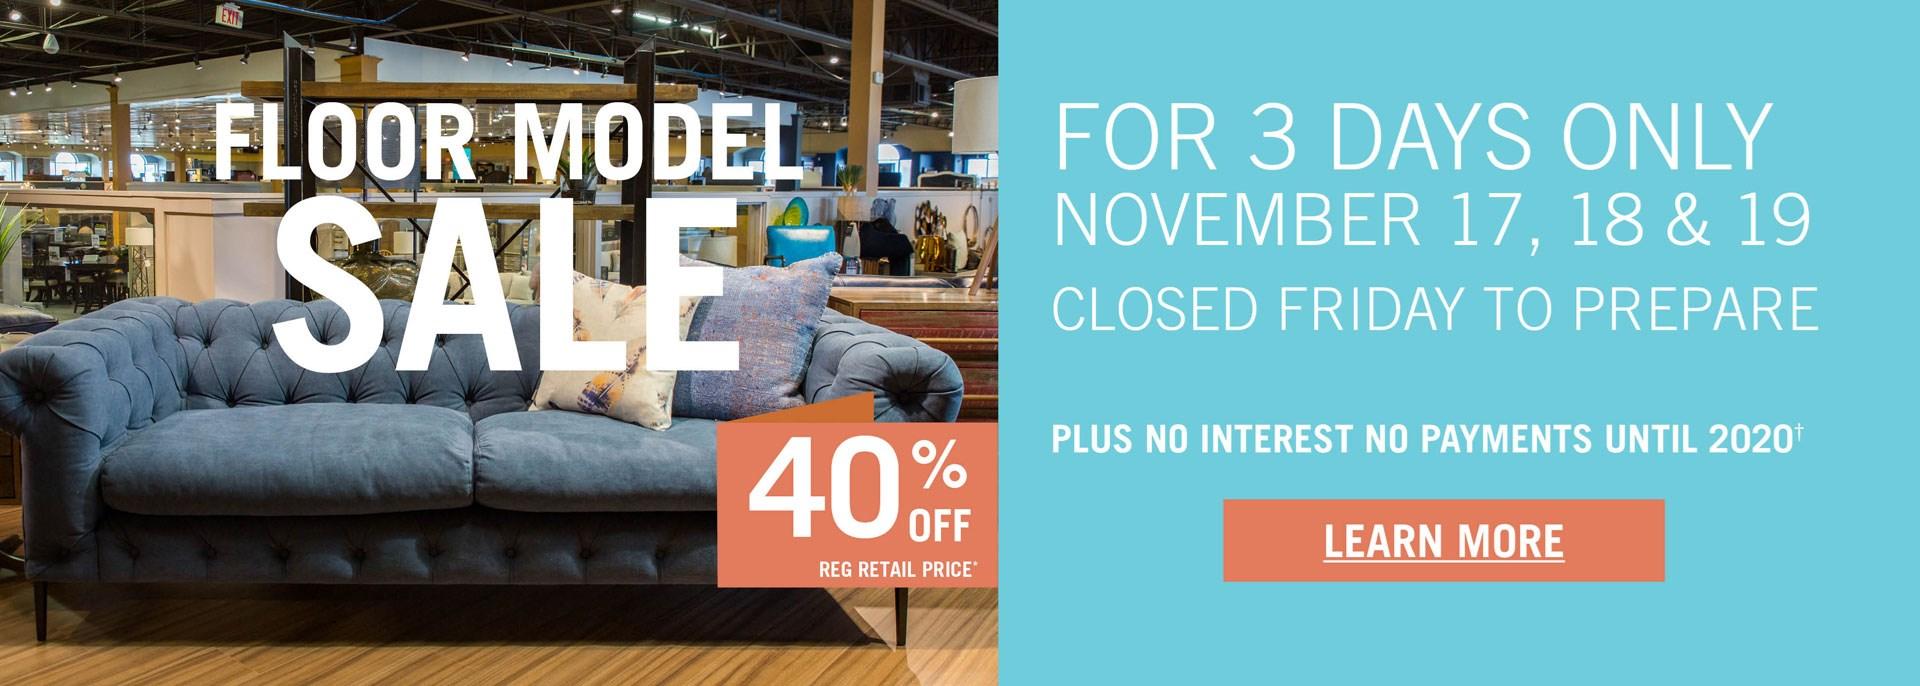 Floor Model Sale up to 40% Off